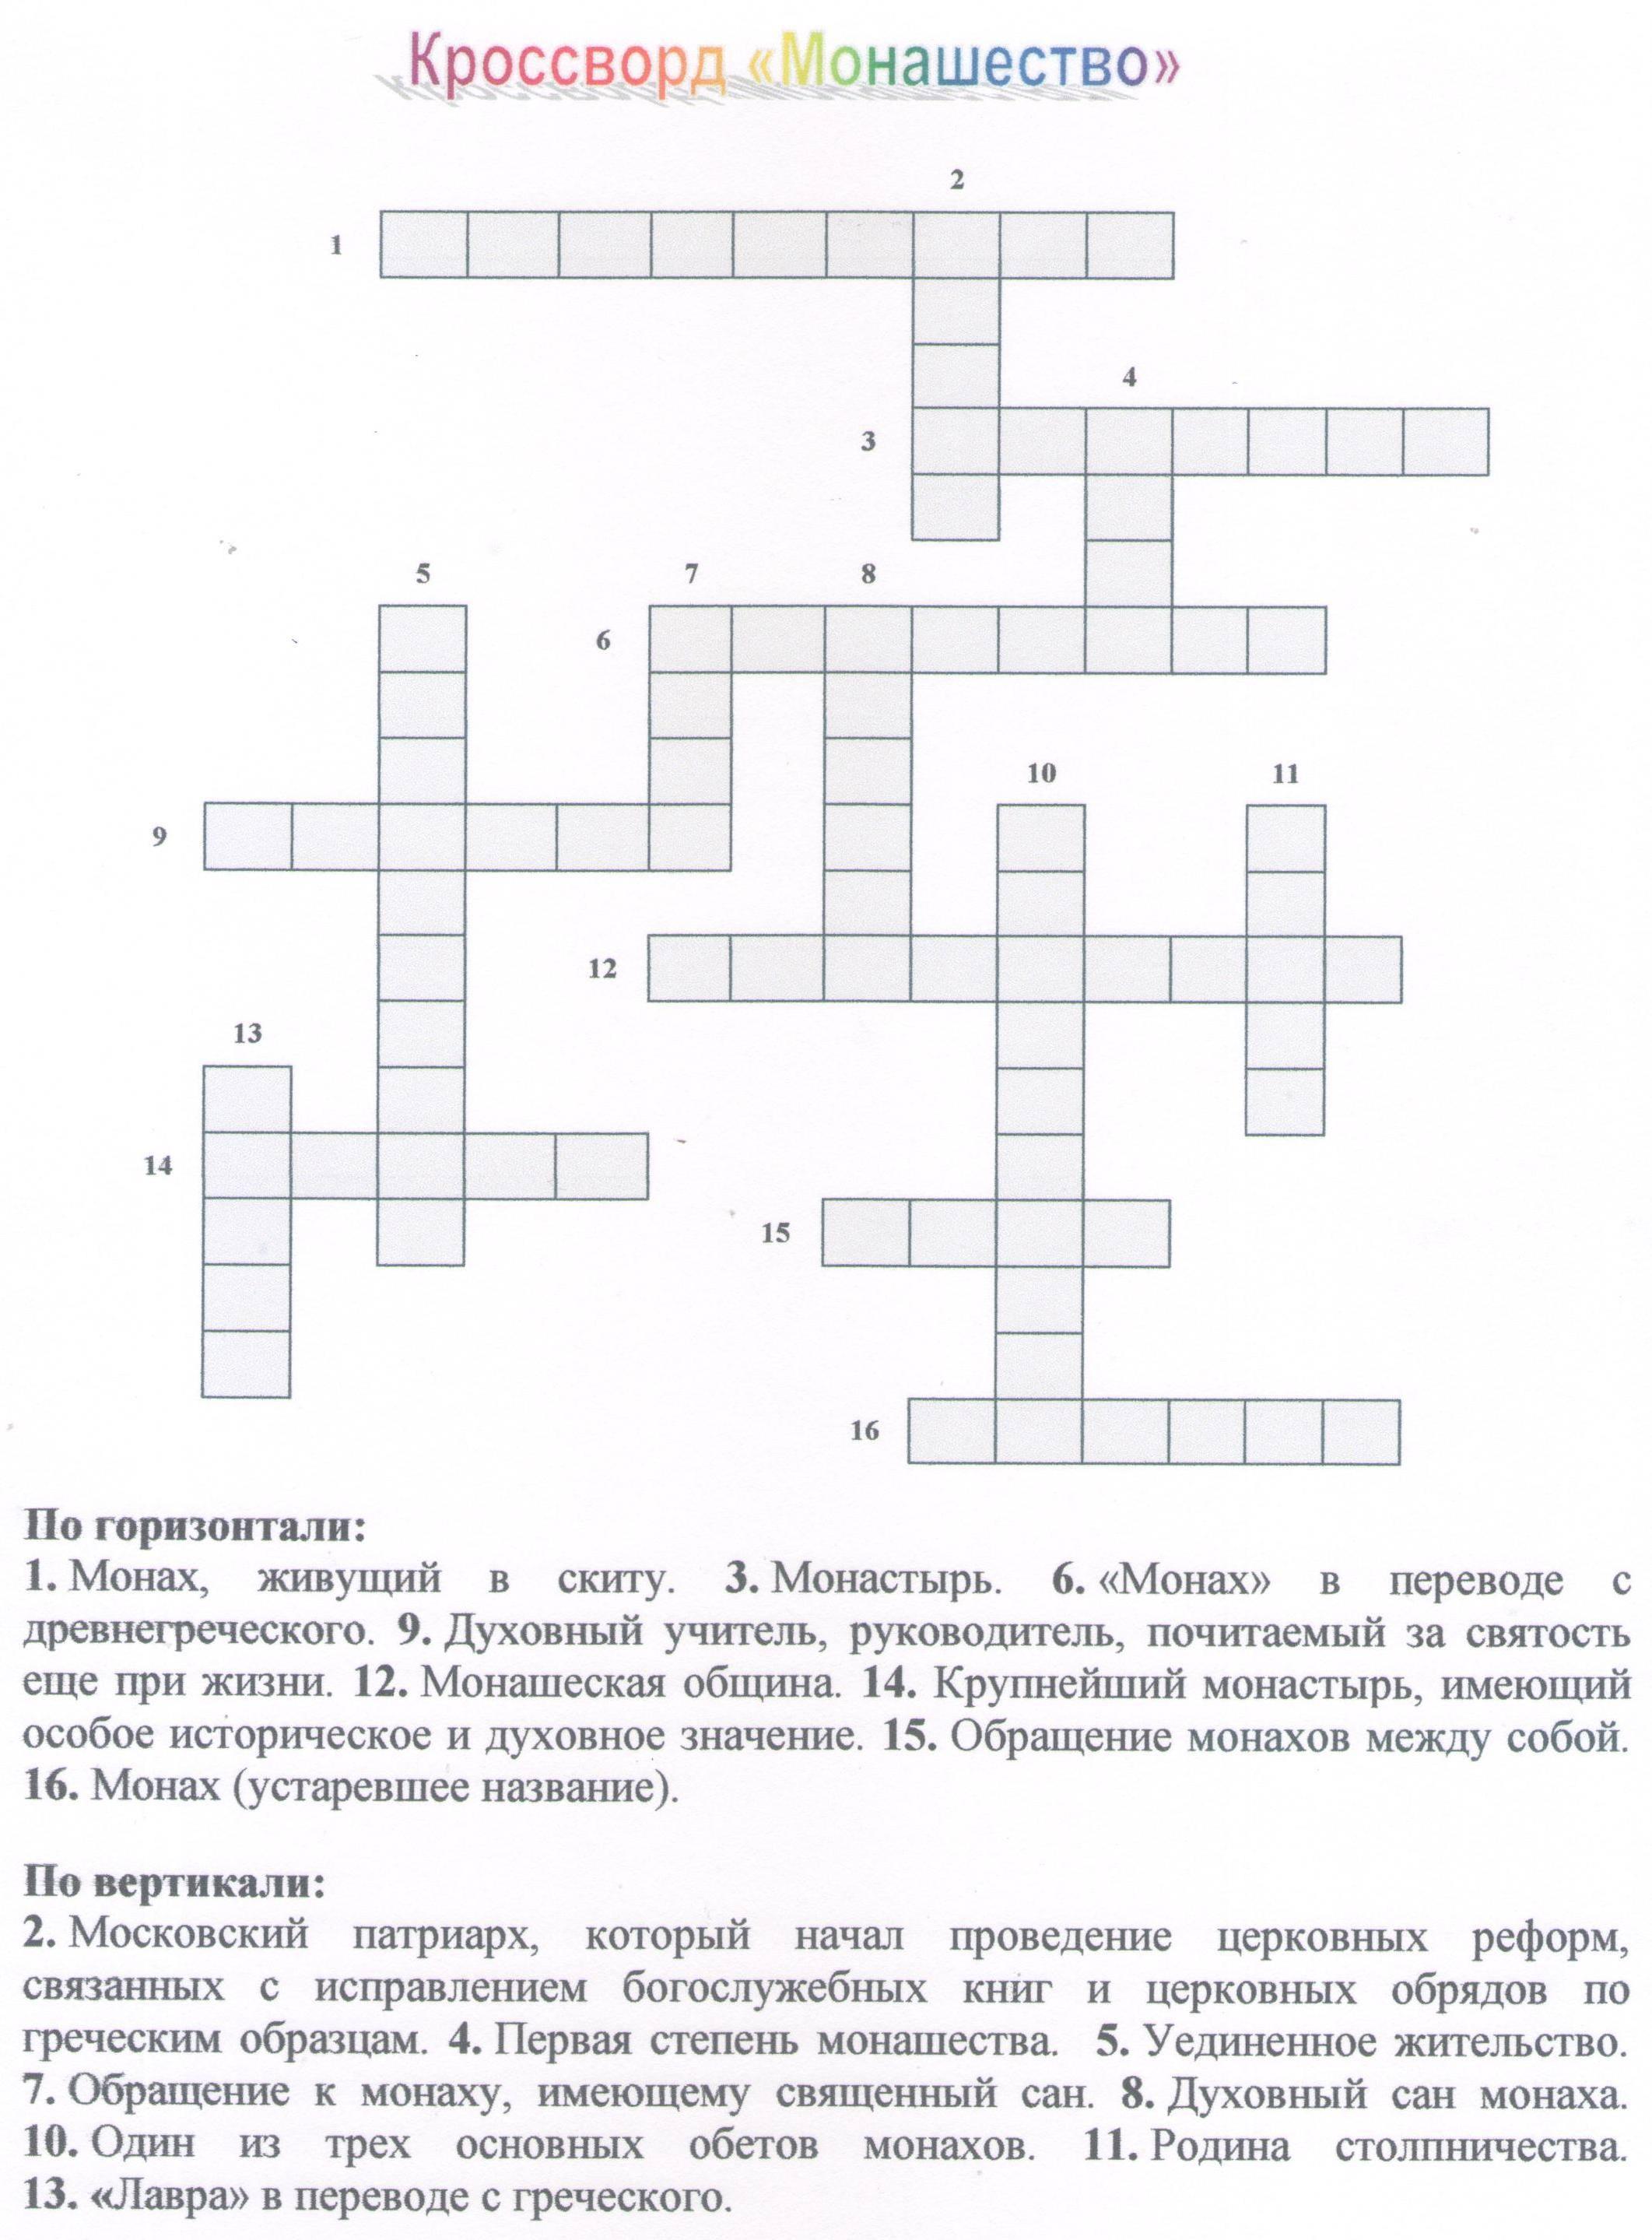 Омельянская О.В., ребус 6